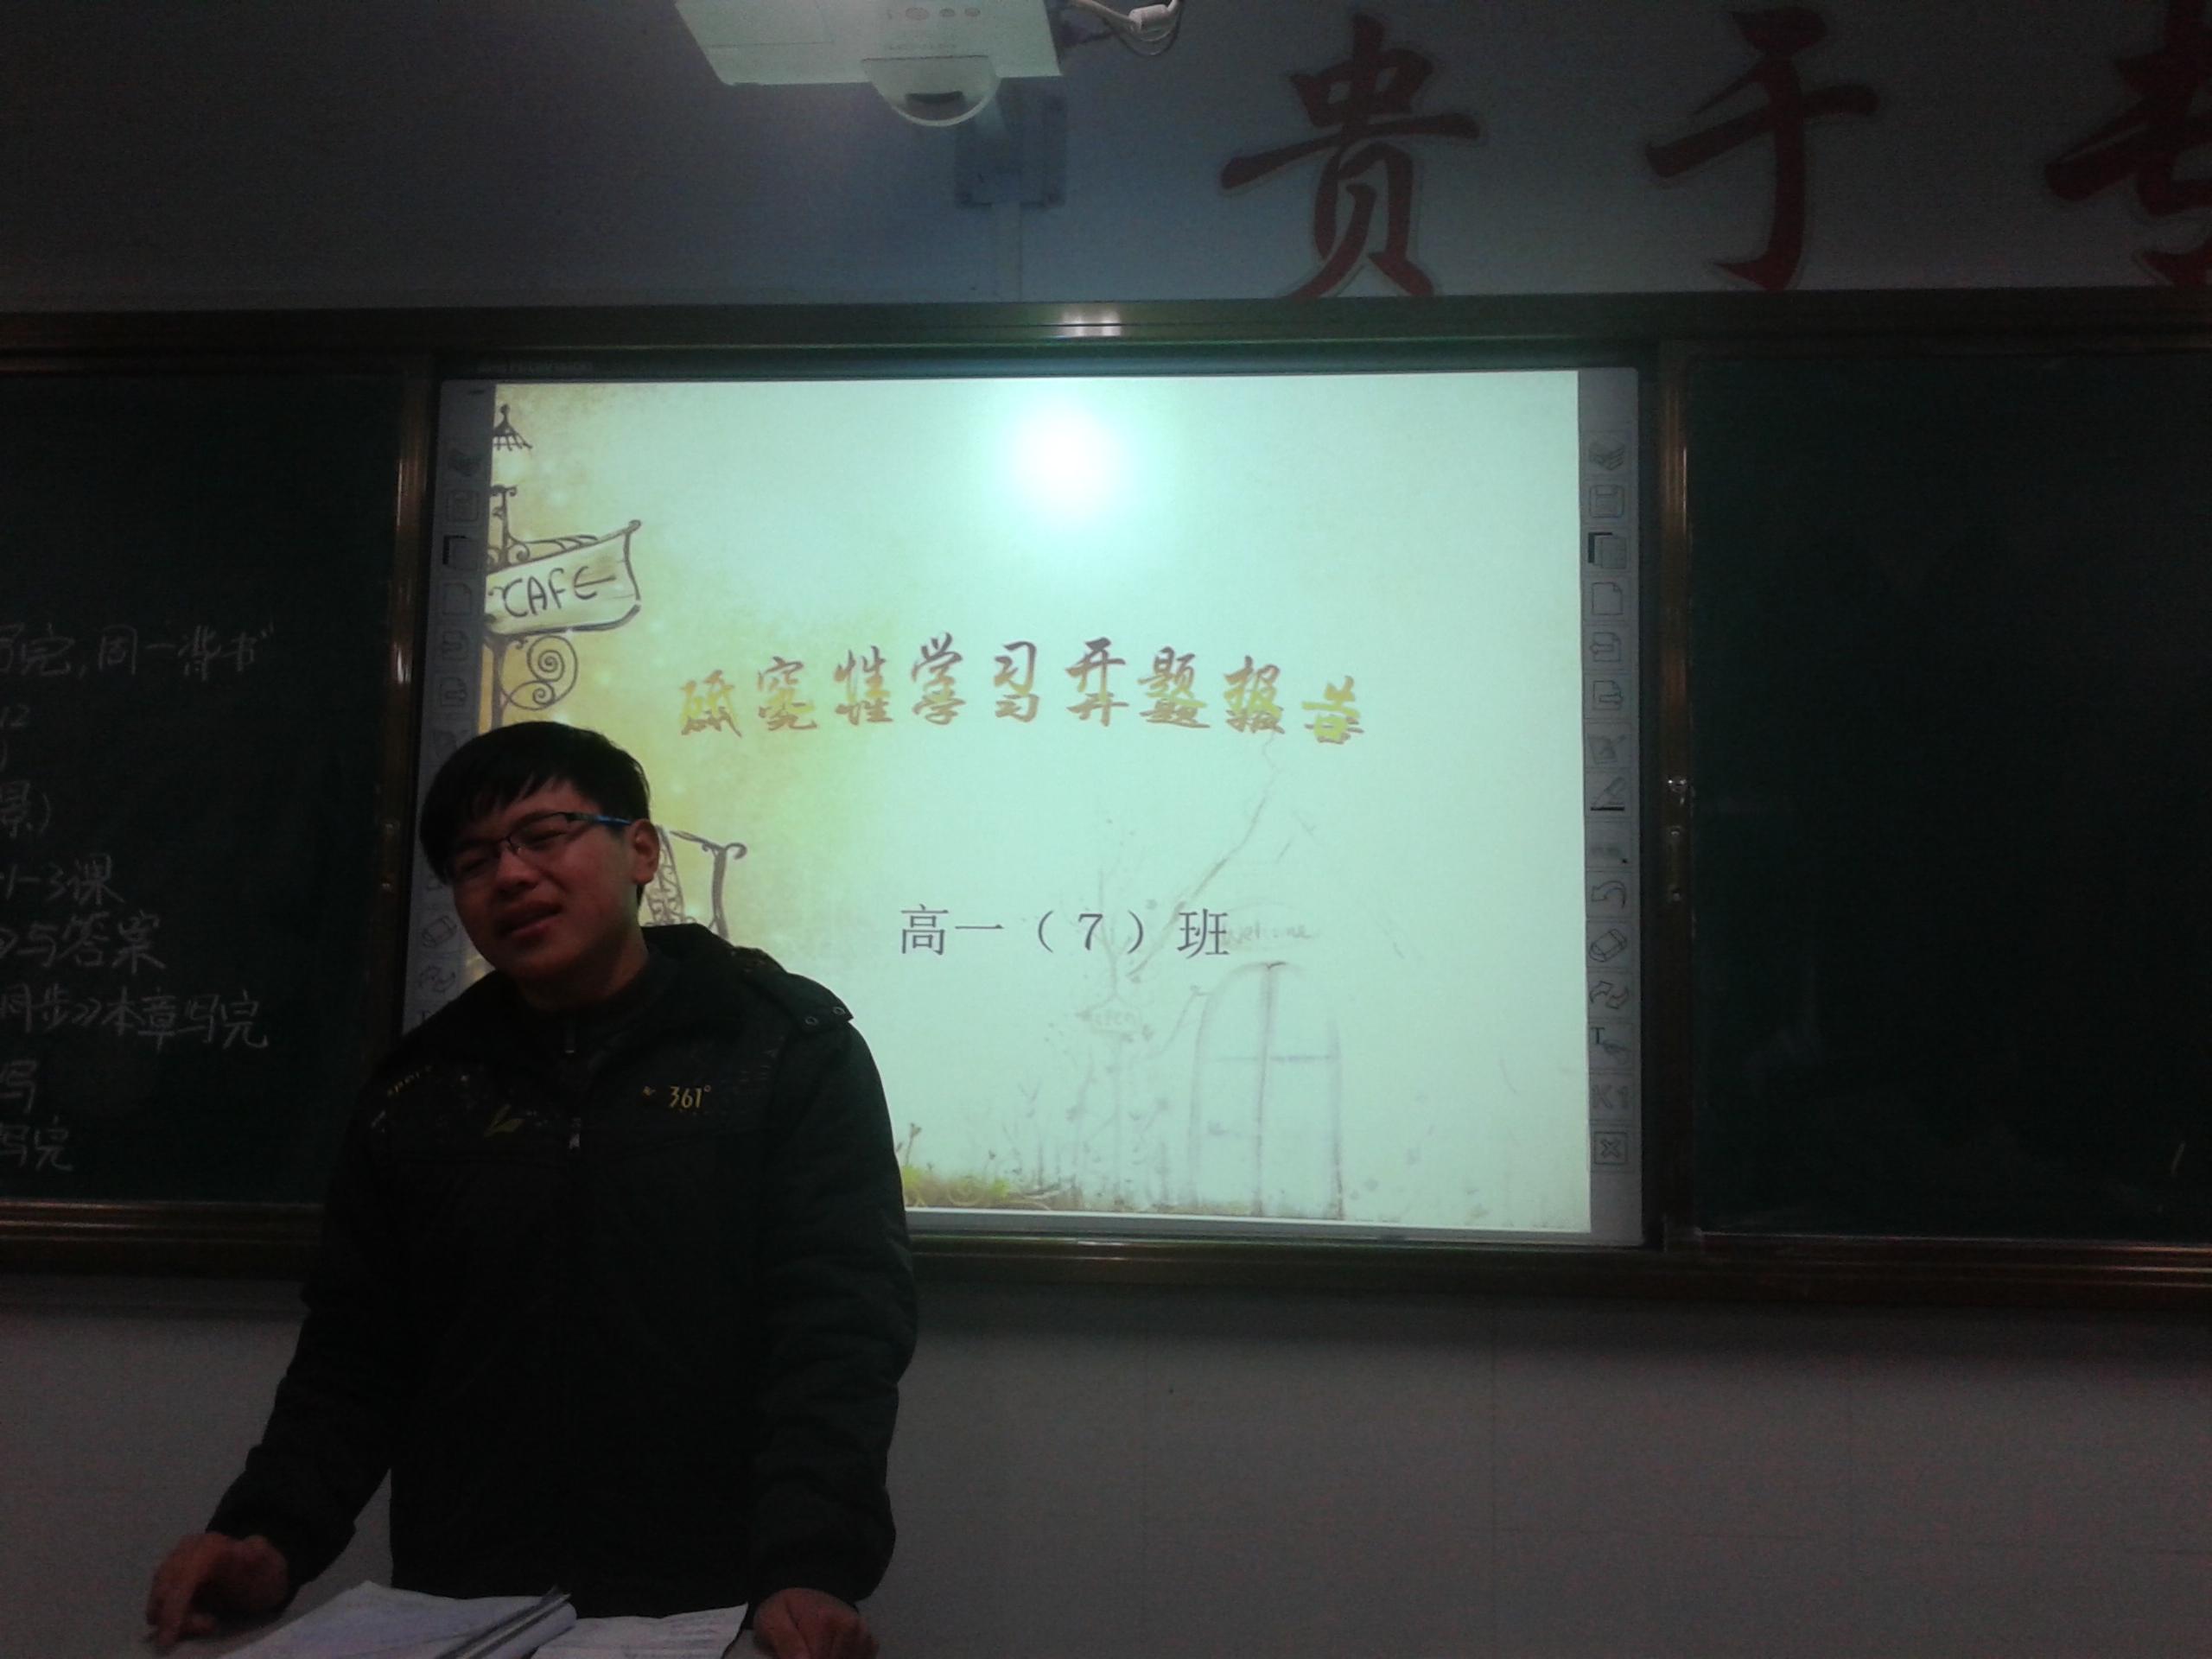 手绘学习小组组徽 > 学习小组组徽图片大全